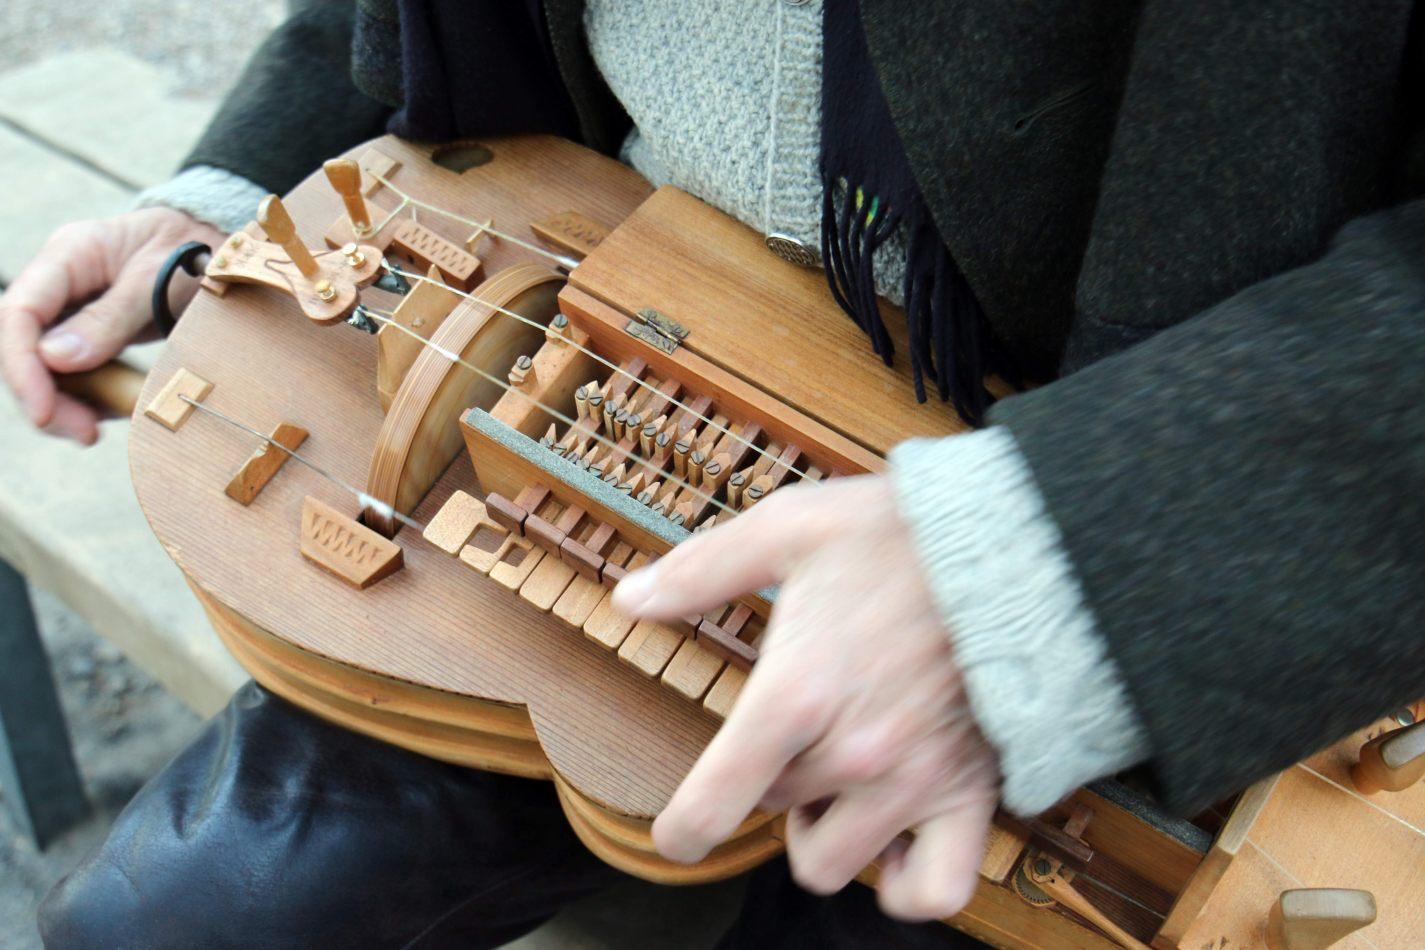 Anthony Ellis Photography: Das Ist - Hurdy-gurdy